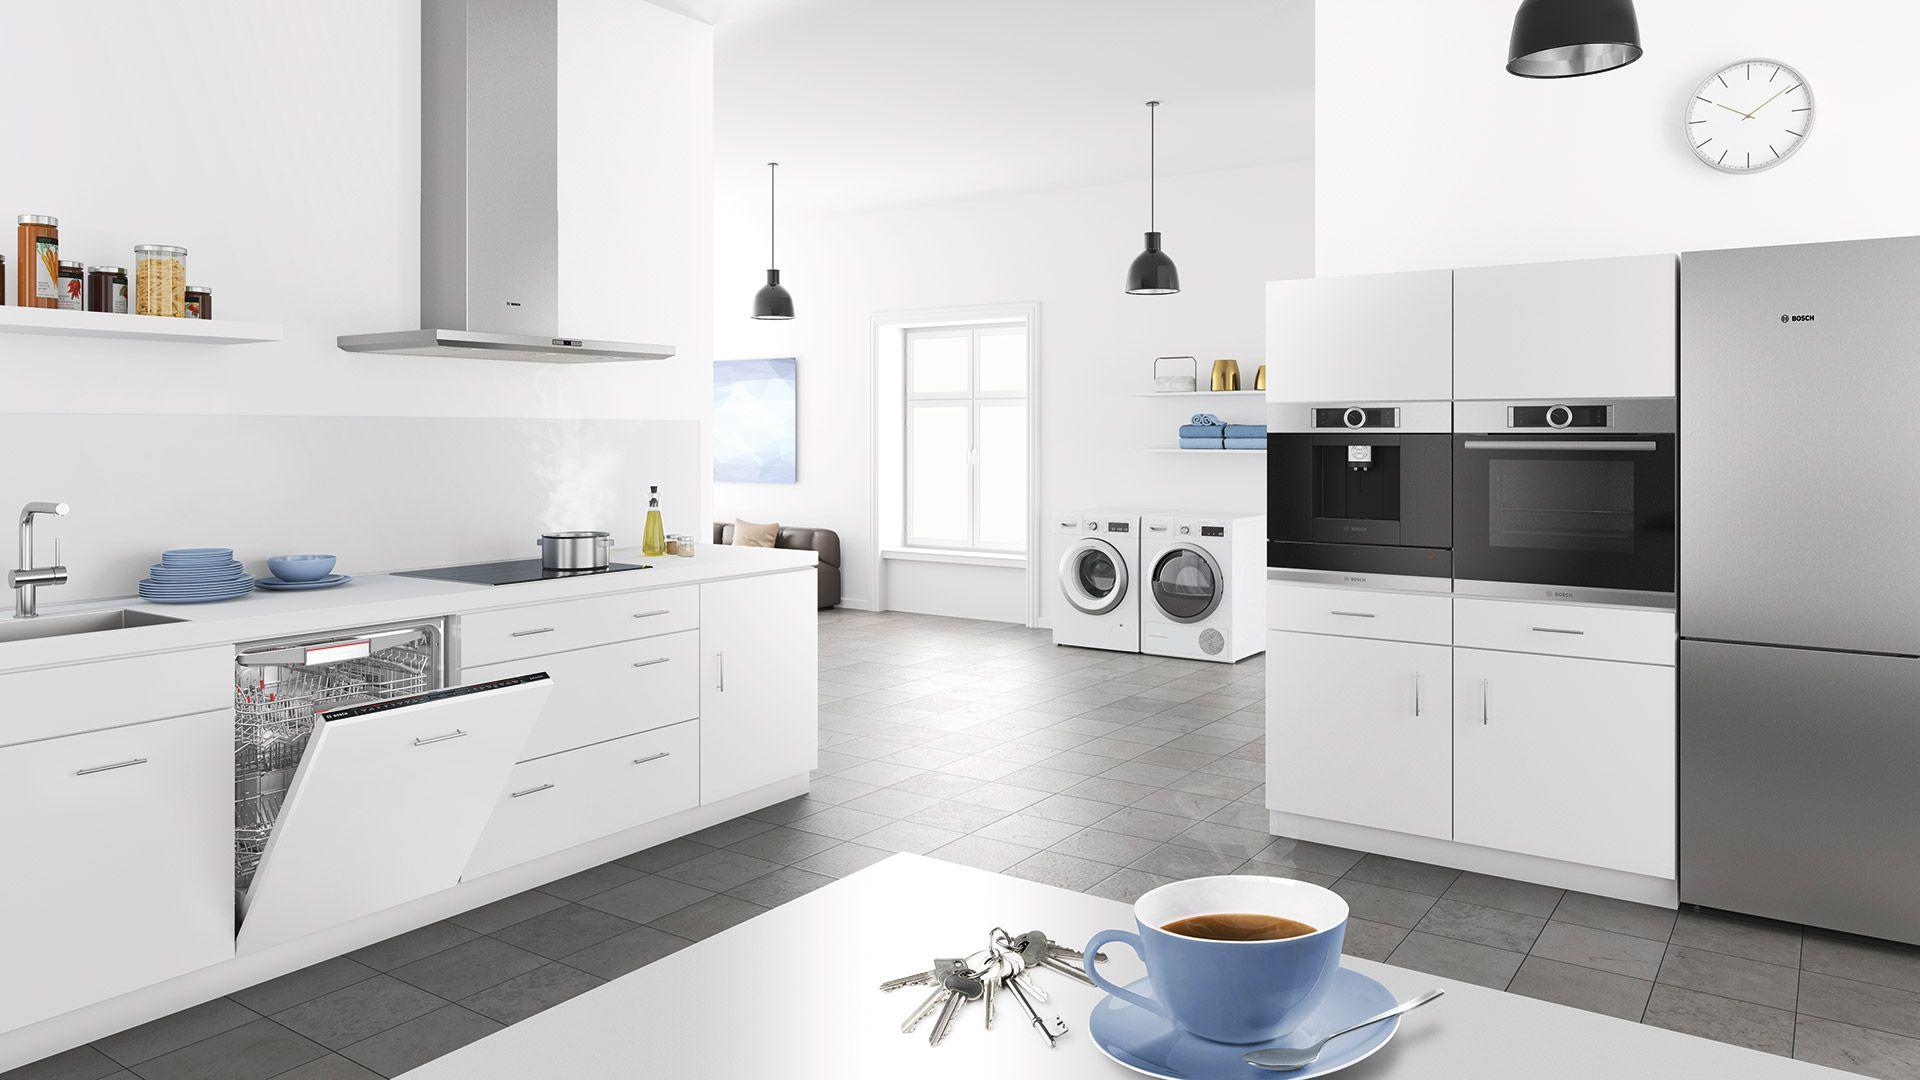 Bosch Kühlschrank Gebraucht : Bosch vario style u der kühlschrank der die farbe wechseln kann